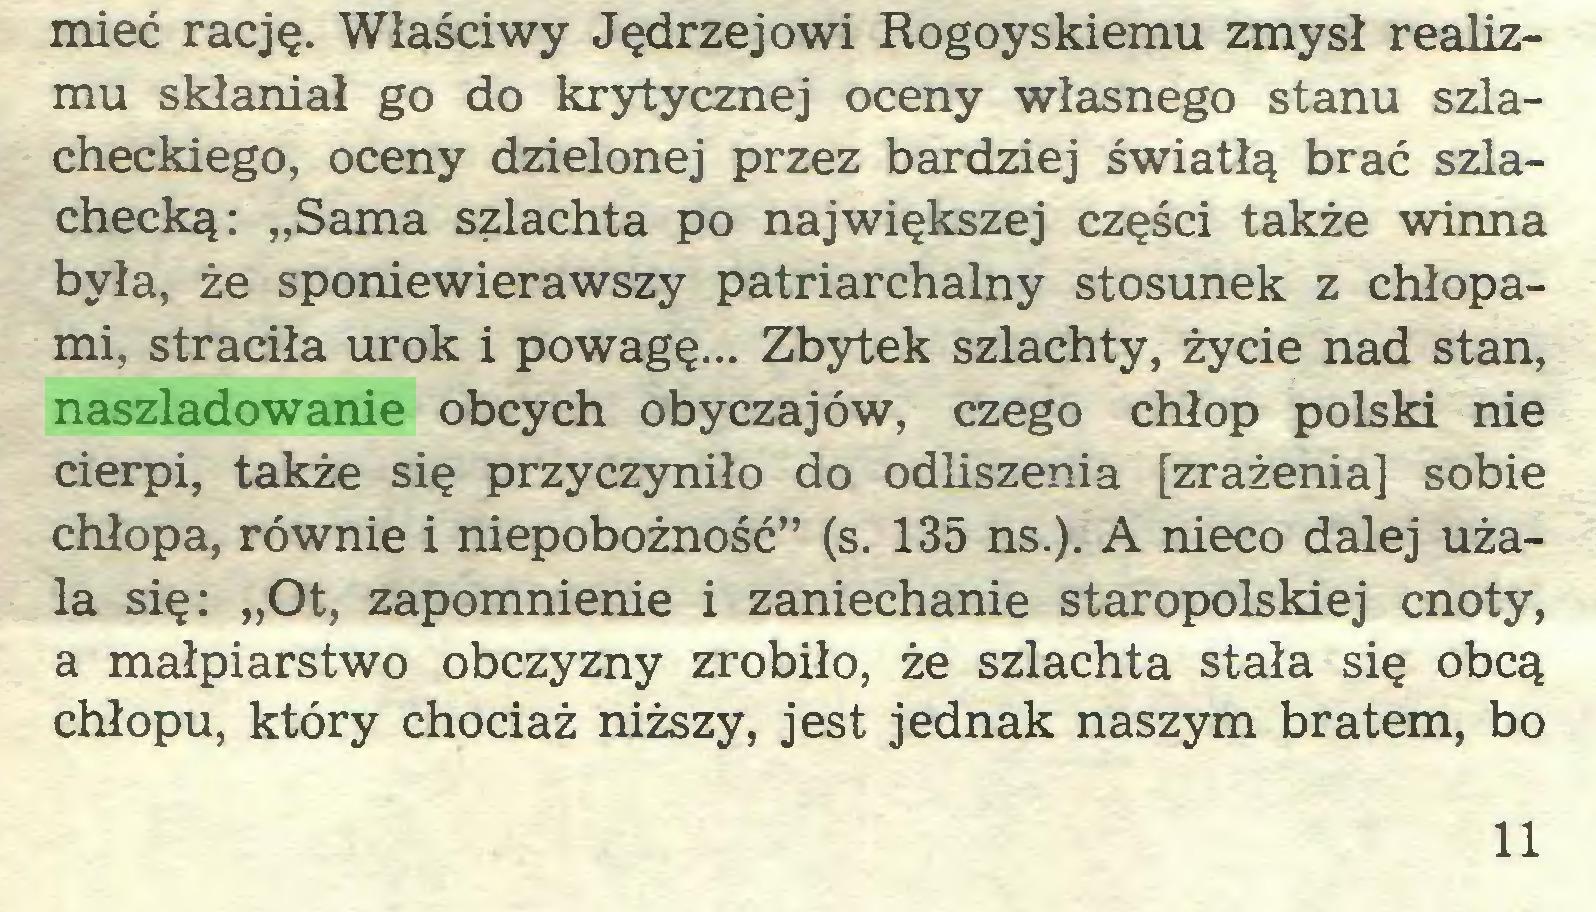 """(...) mieć rację. Właściwy Jędrzejowi Rogoyskiemu zmysł realizmu skłaniał go do krytycznej oceny własnego stanu szlacheckiego, oceny dzielonej przez bardziej światłą brać szlachecką: """"Sama szlachta po największej części także winna była, że sponiewierawszy patriarchalny stosunek z chłopami, straciła urok i powagę... Zbytek szlachty, życie nad stan, naszladowanie obcych obyczajów, czego chłop polski nie cierpi, także się przyczyniło do odliszenia [zrażenia] sobie chłopa, równie i niepobożność"""" (s. 135 ns.). A nieco dalej użala się: """"Ot, zapomnienie i zaniechanie staropolskiej cnoty, a małpiarstwo obczyzny zrobiło, że szlachta stała się obcą chłopu, który chociaż niższy, jest jednak naszym bratem, bo 11..."""